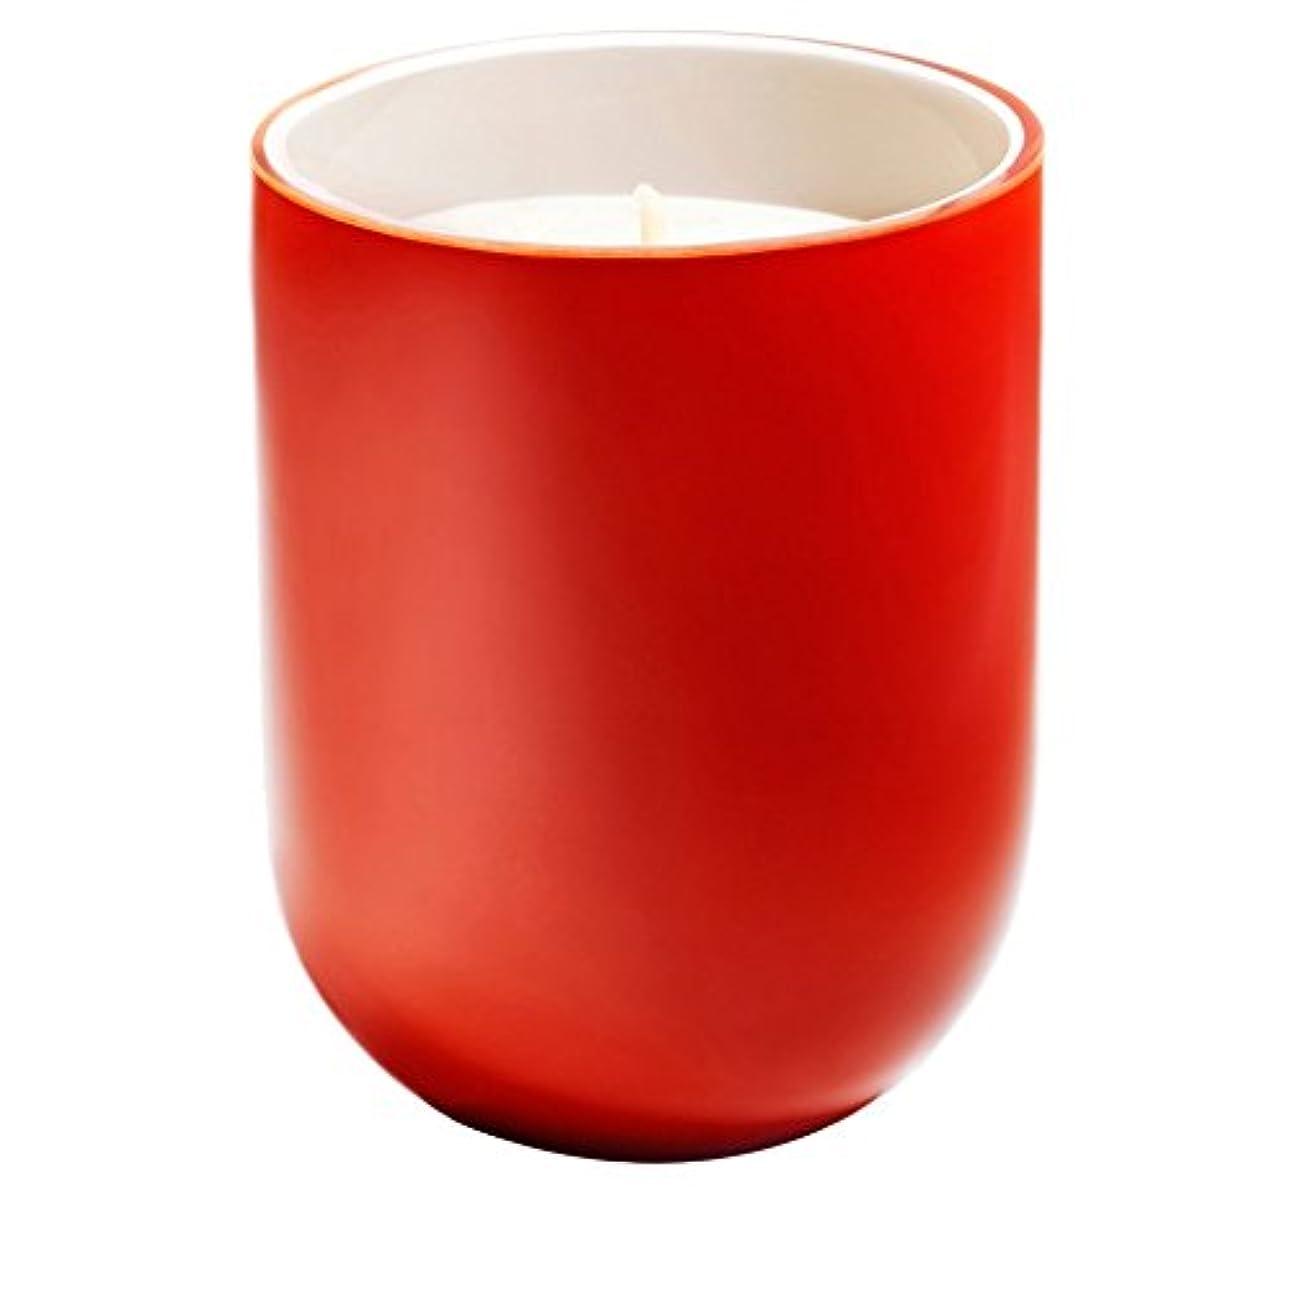 現象動的より良いフレデリック?マルプルミエ舞香りのキャンドル x6 - Frederic Malle 1er Mai Scented Candle (Pack of 6) [並行輸入品]